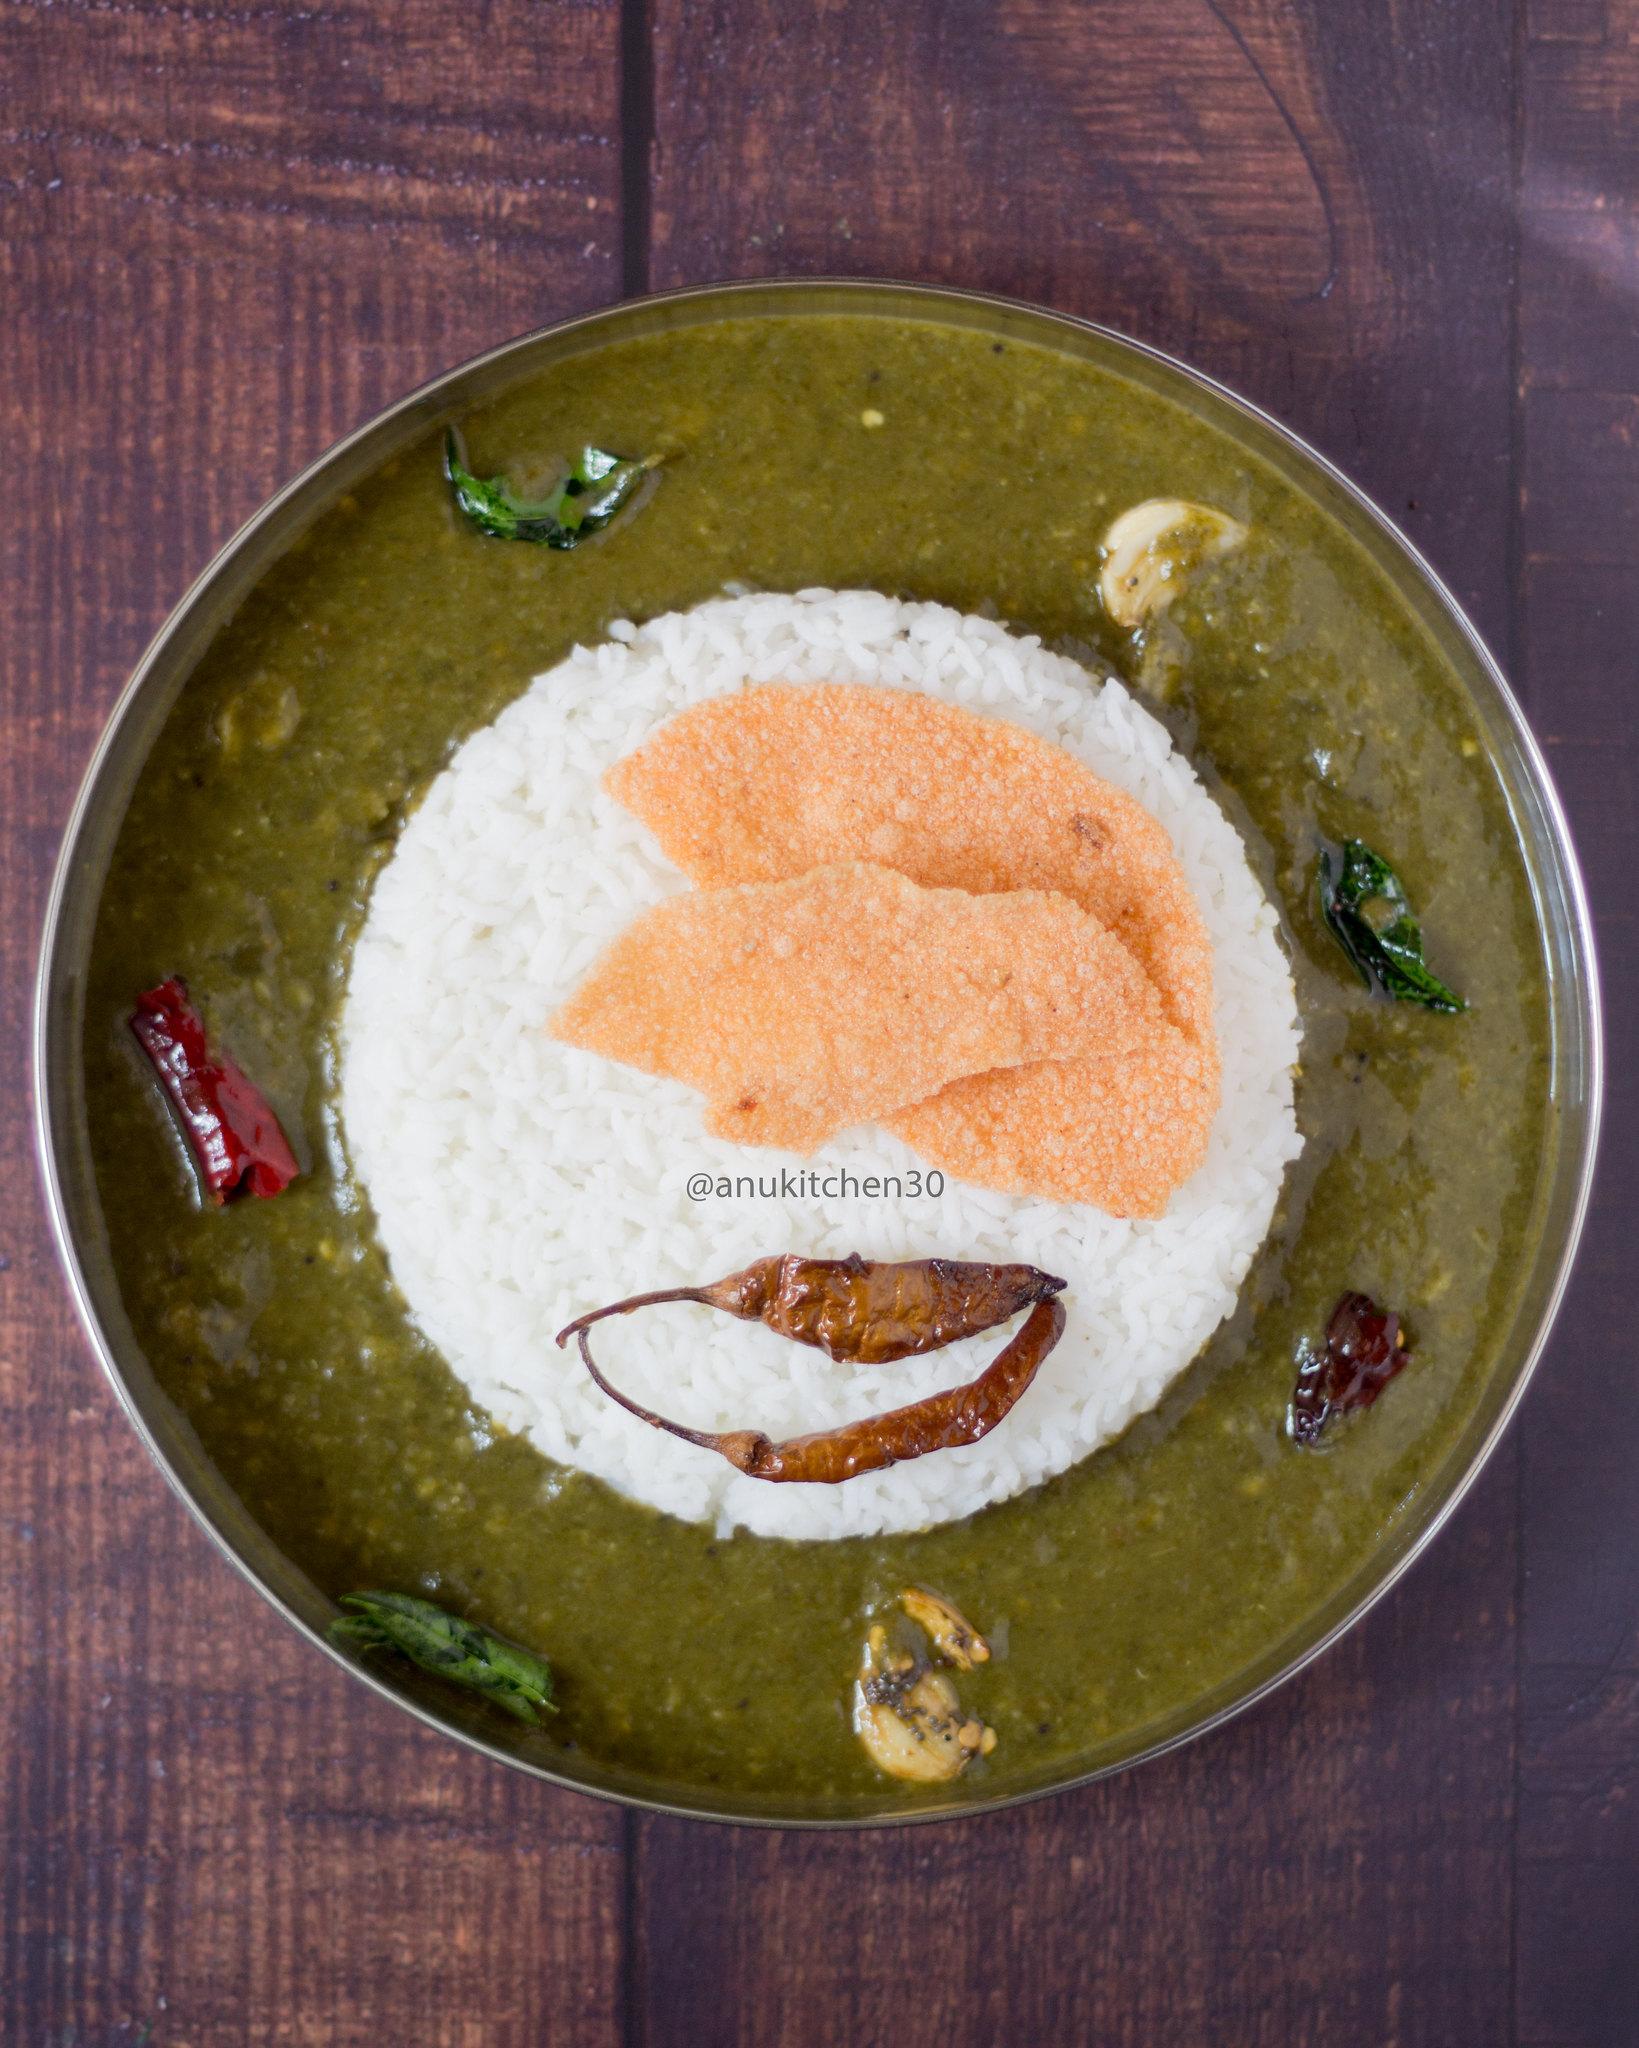 ಮಸೊಪ್ಪು (ಸೊಪ್ಪಿನ ಸಾರು) | Simple Mosappu (Soppina Saaru)